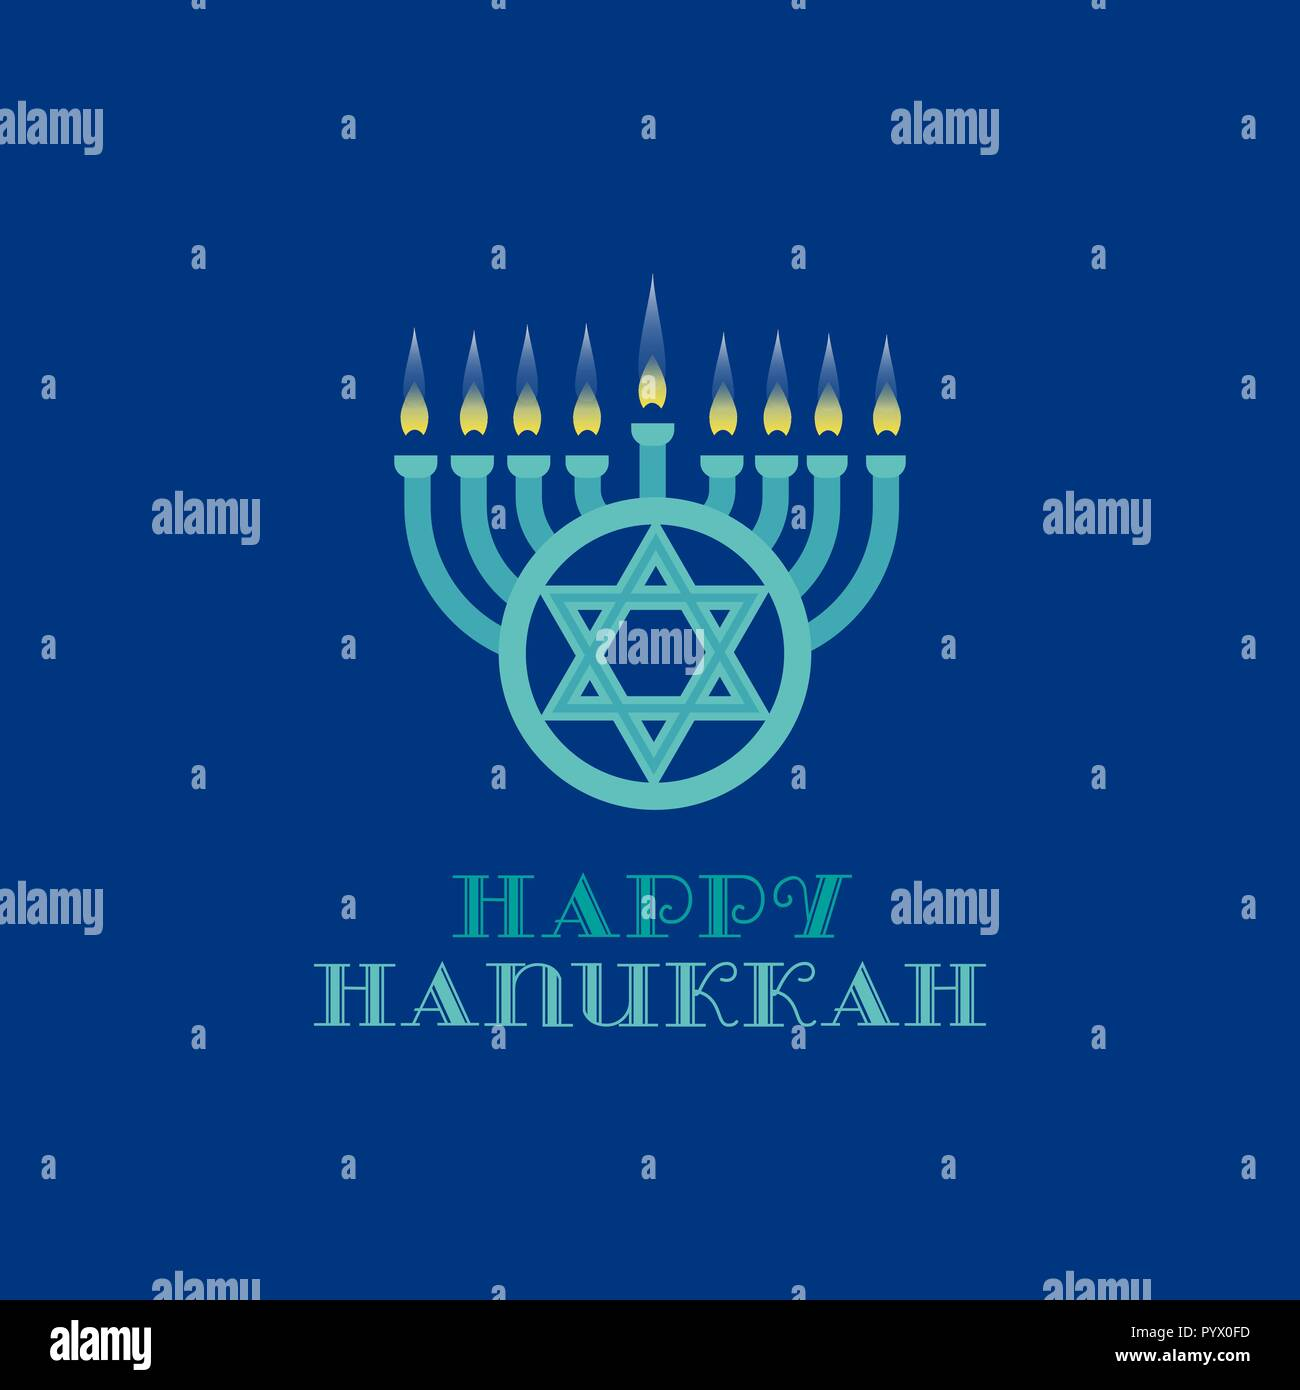 Happy Hanukkah holiday - Stock Vector